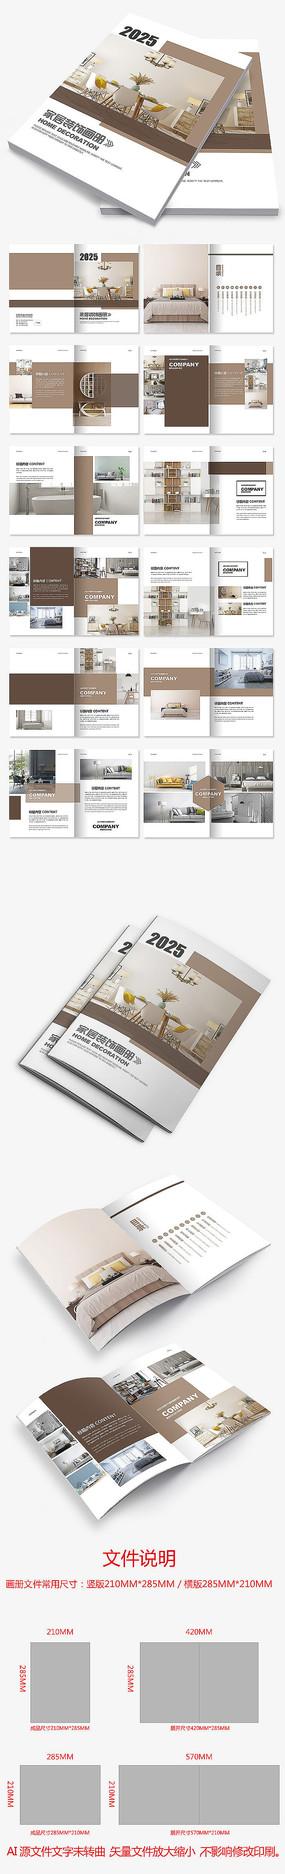 灰色大气装修公司家居定制装饰公司画册